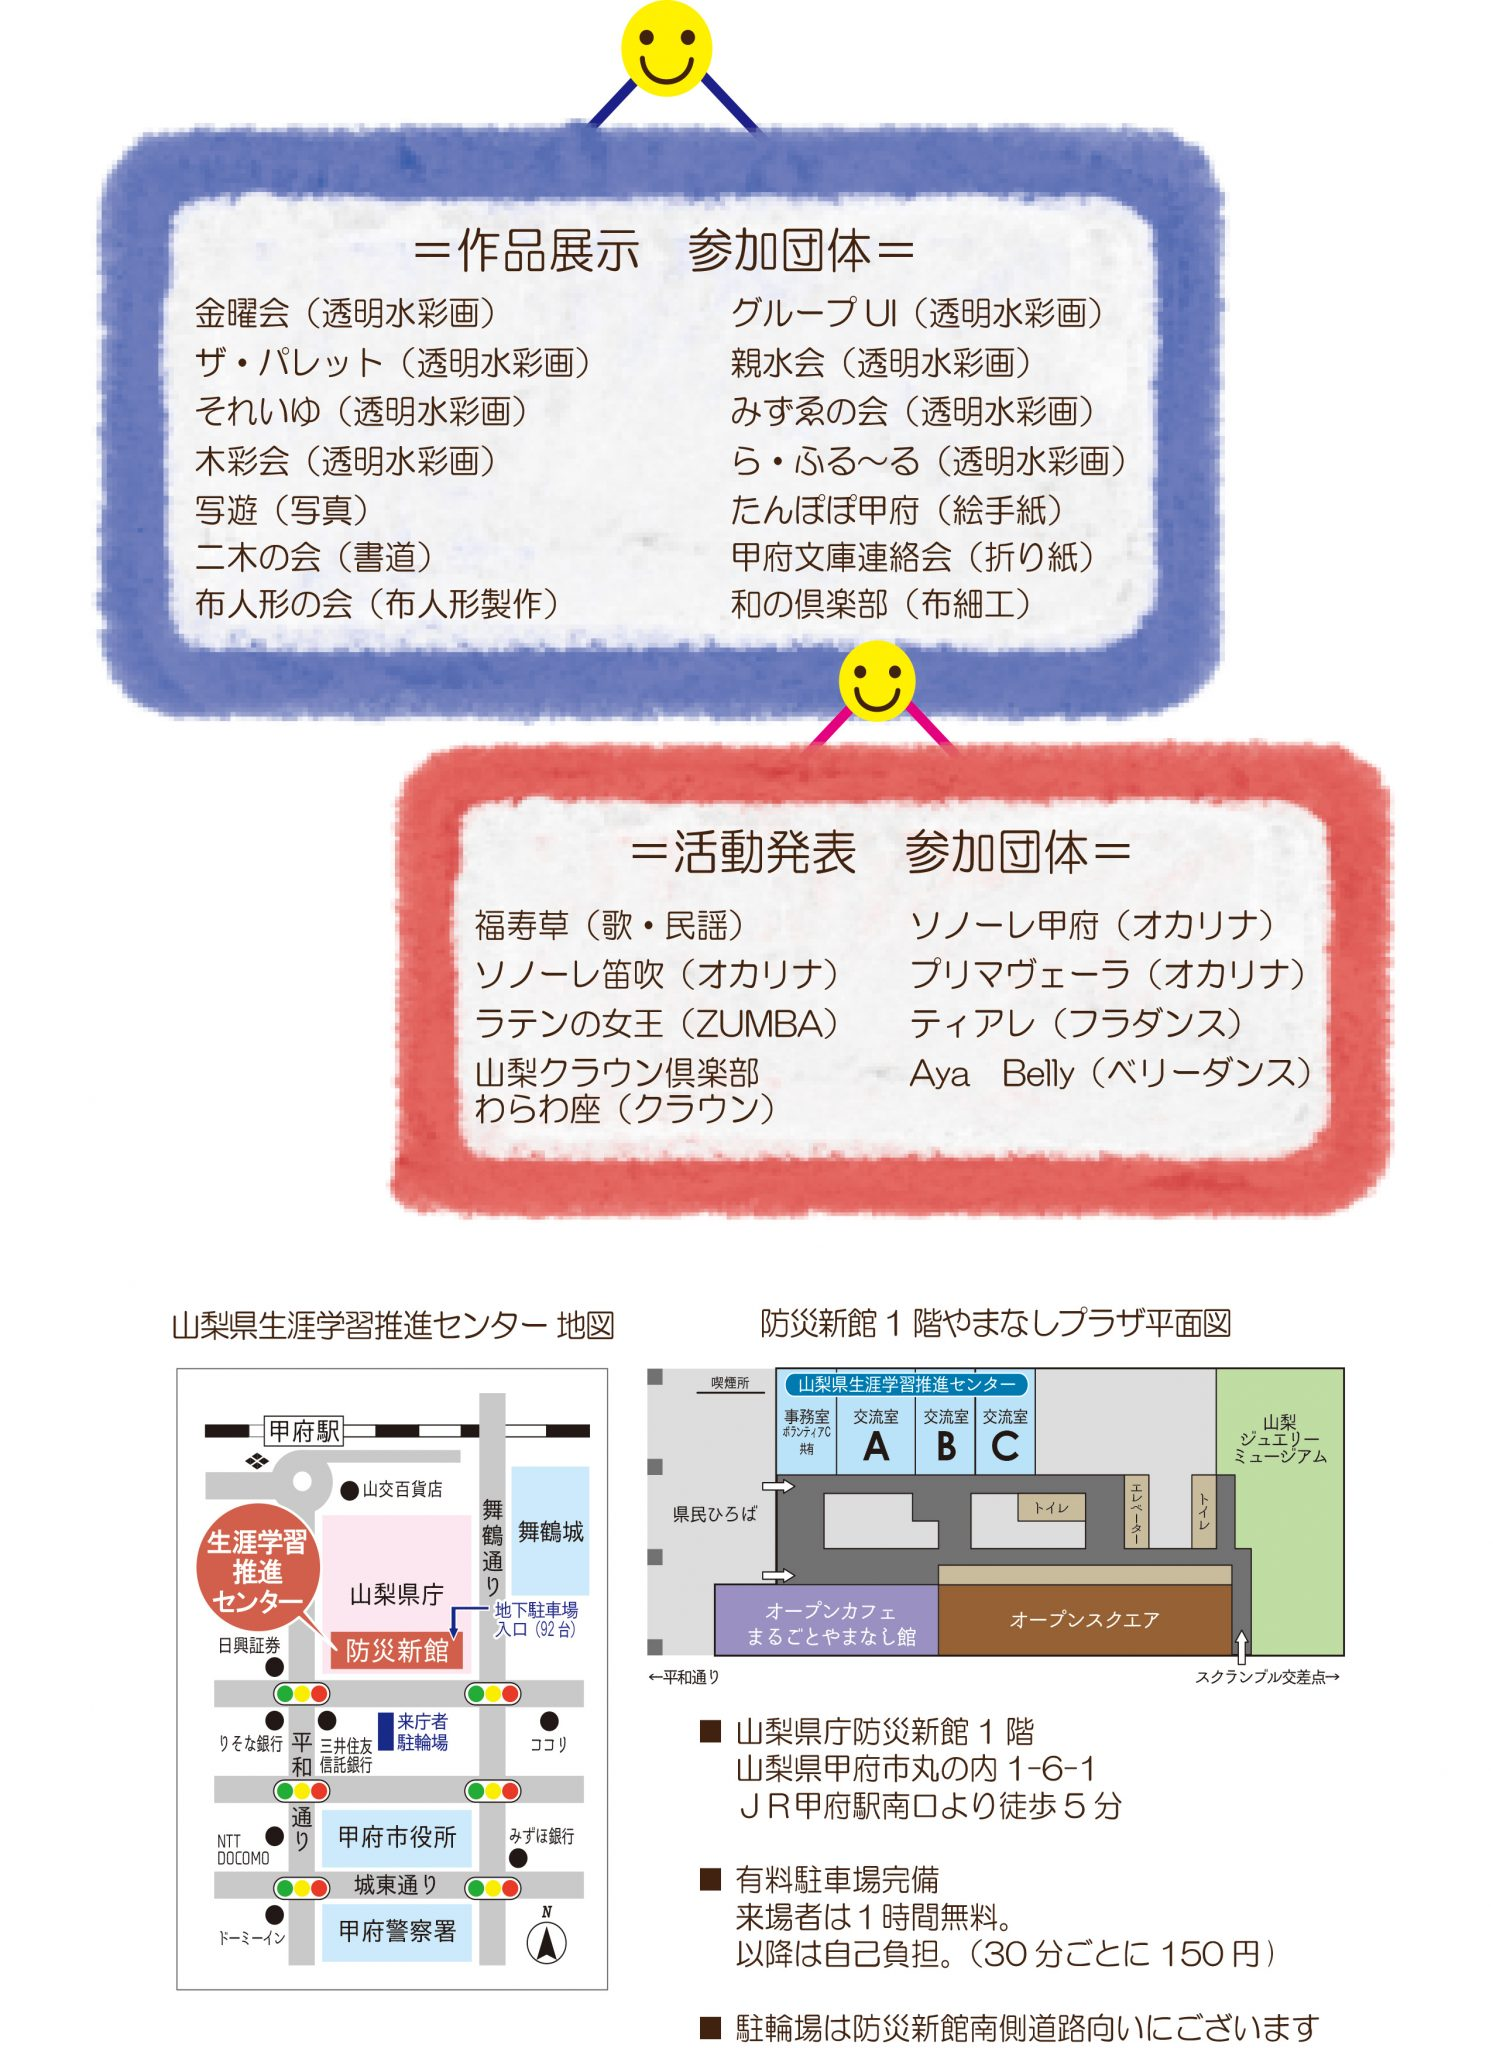 まなびウィーク2019 甲府市 イベント 2